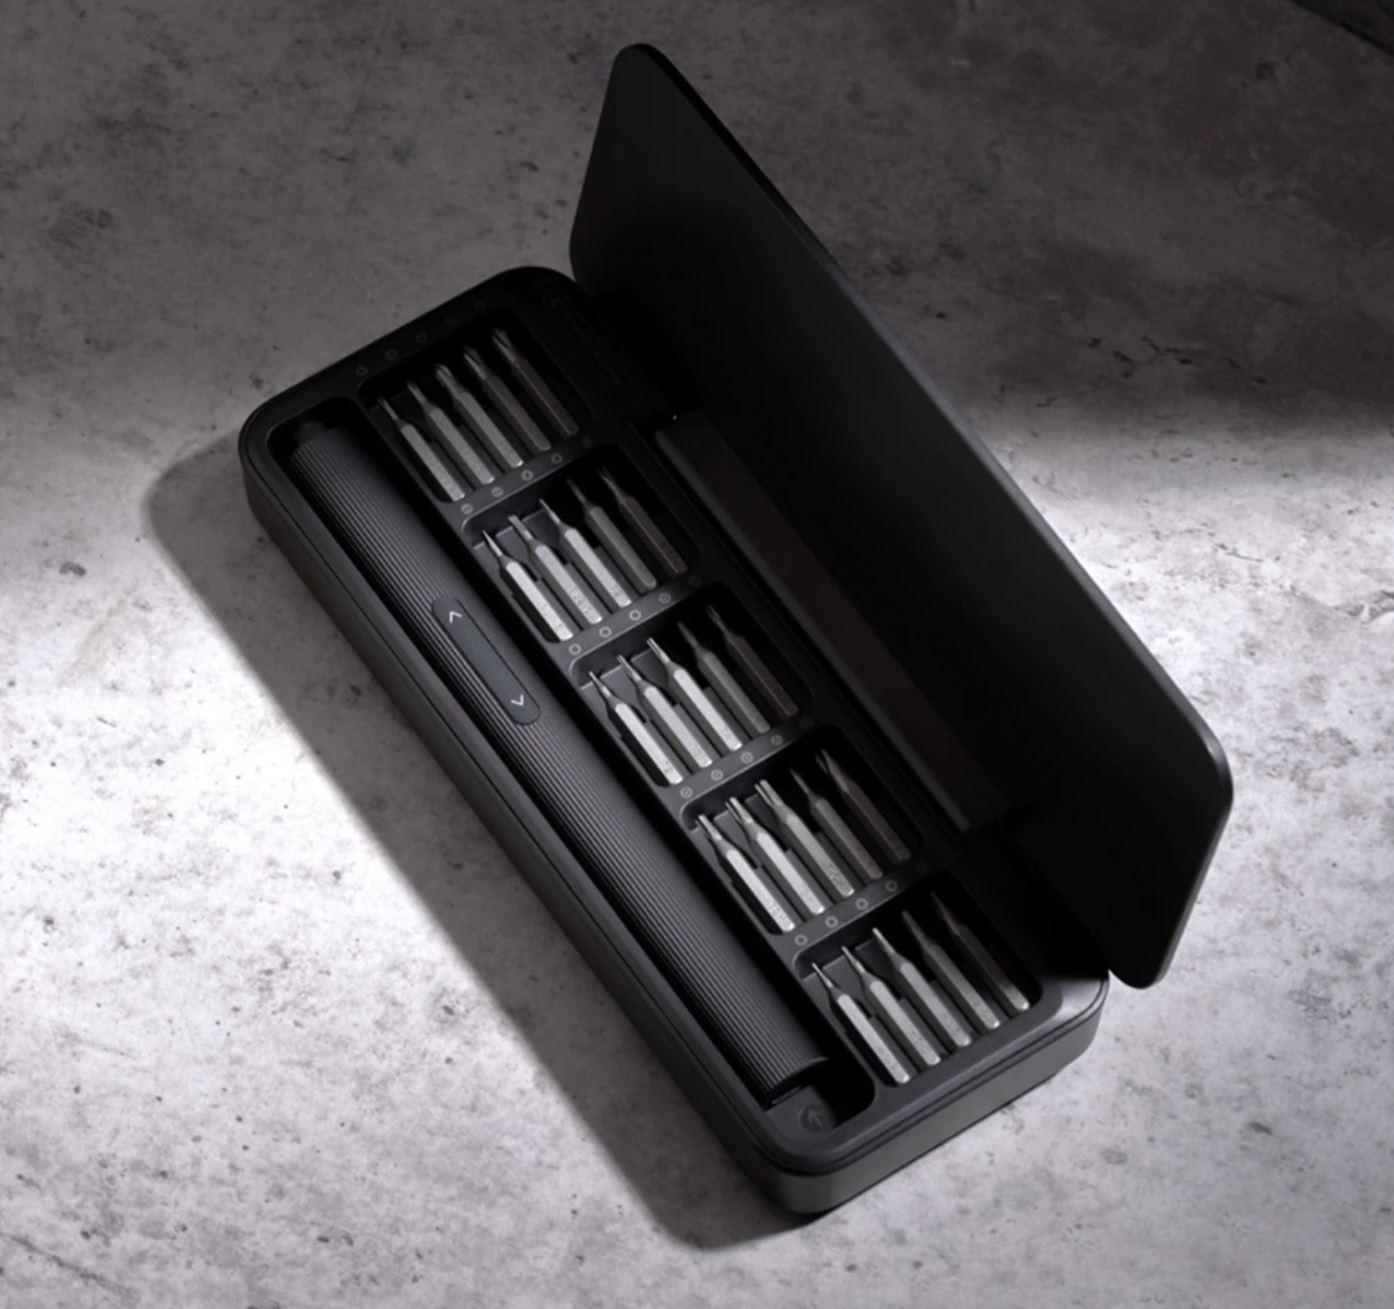 promocja AliExpress - narzędzia i majsterkowanie - Śrubokręt elektryczny HOTO do prac precyzyjnych